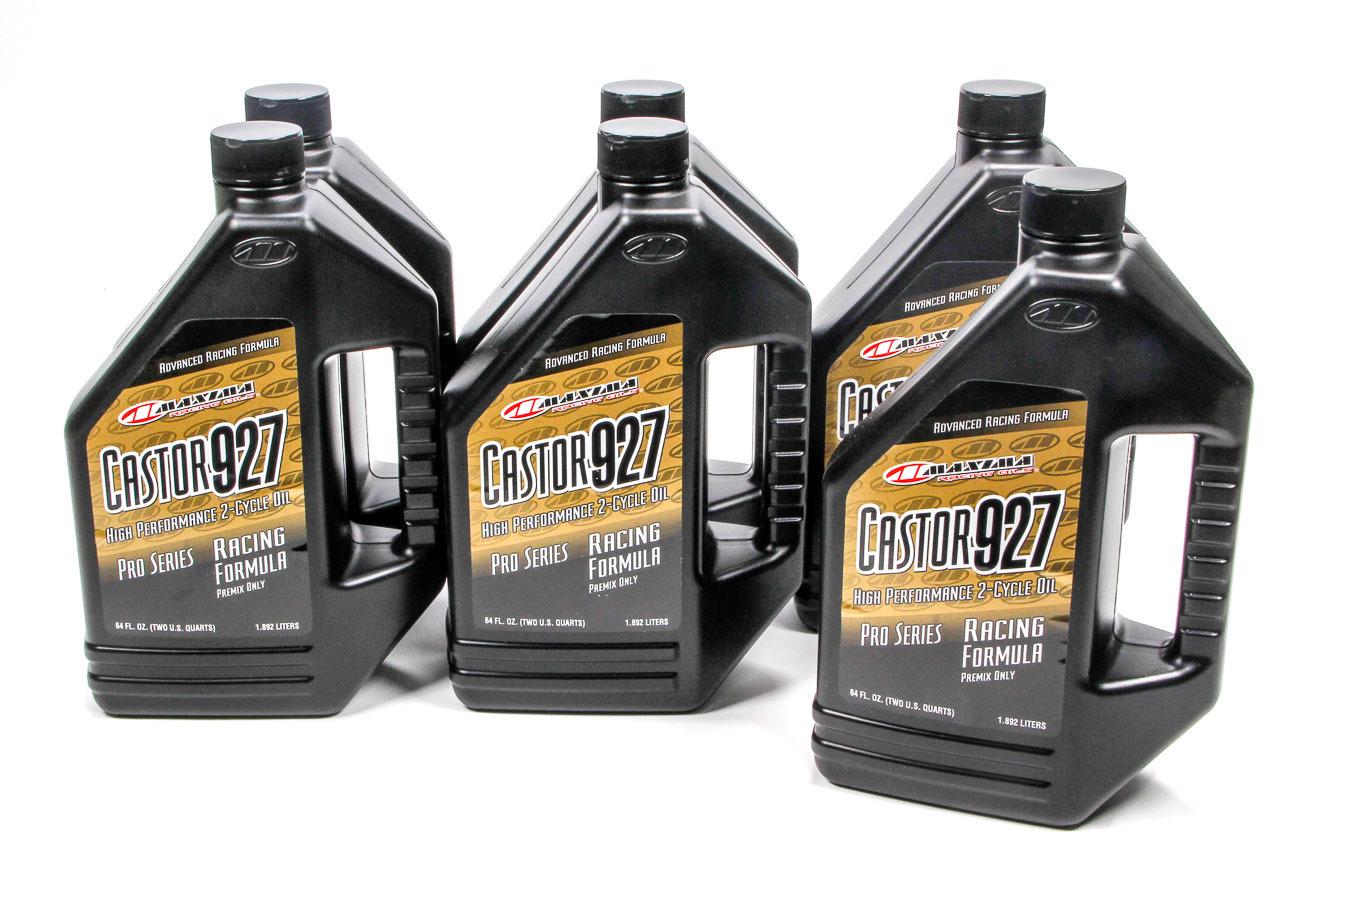 Maxima Racing Oils Castor 927 Racing Premix Case 6 x 1/2 Gallon